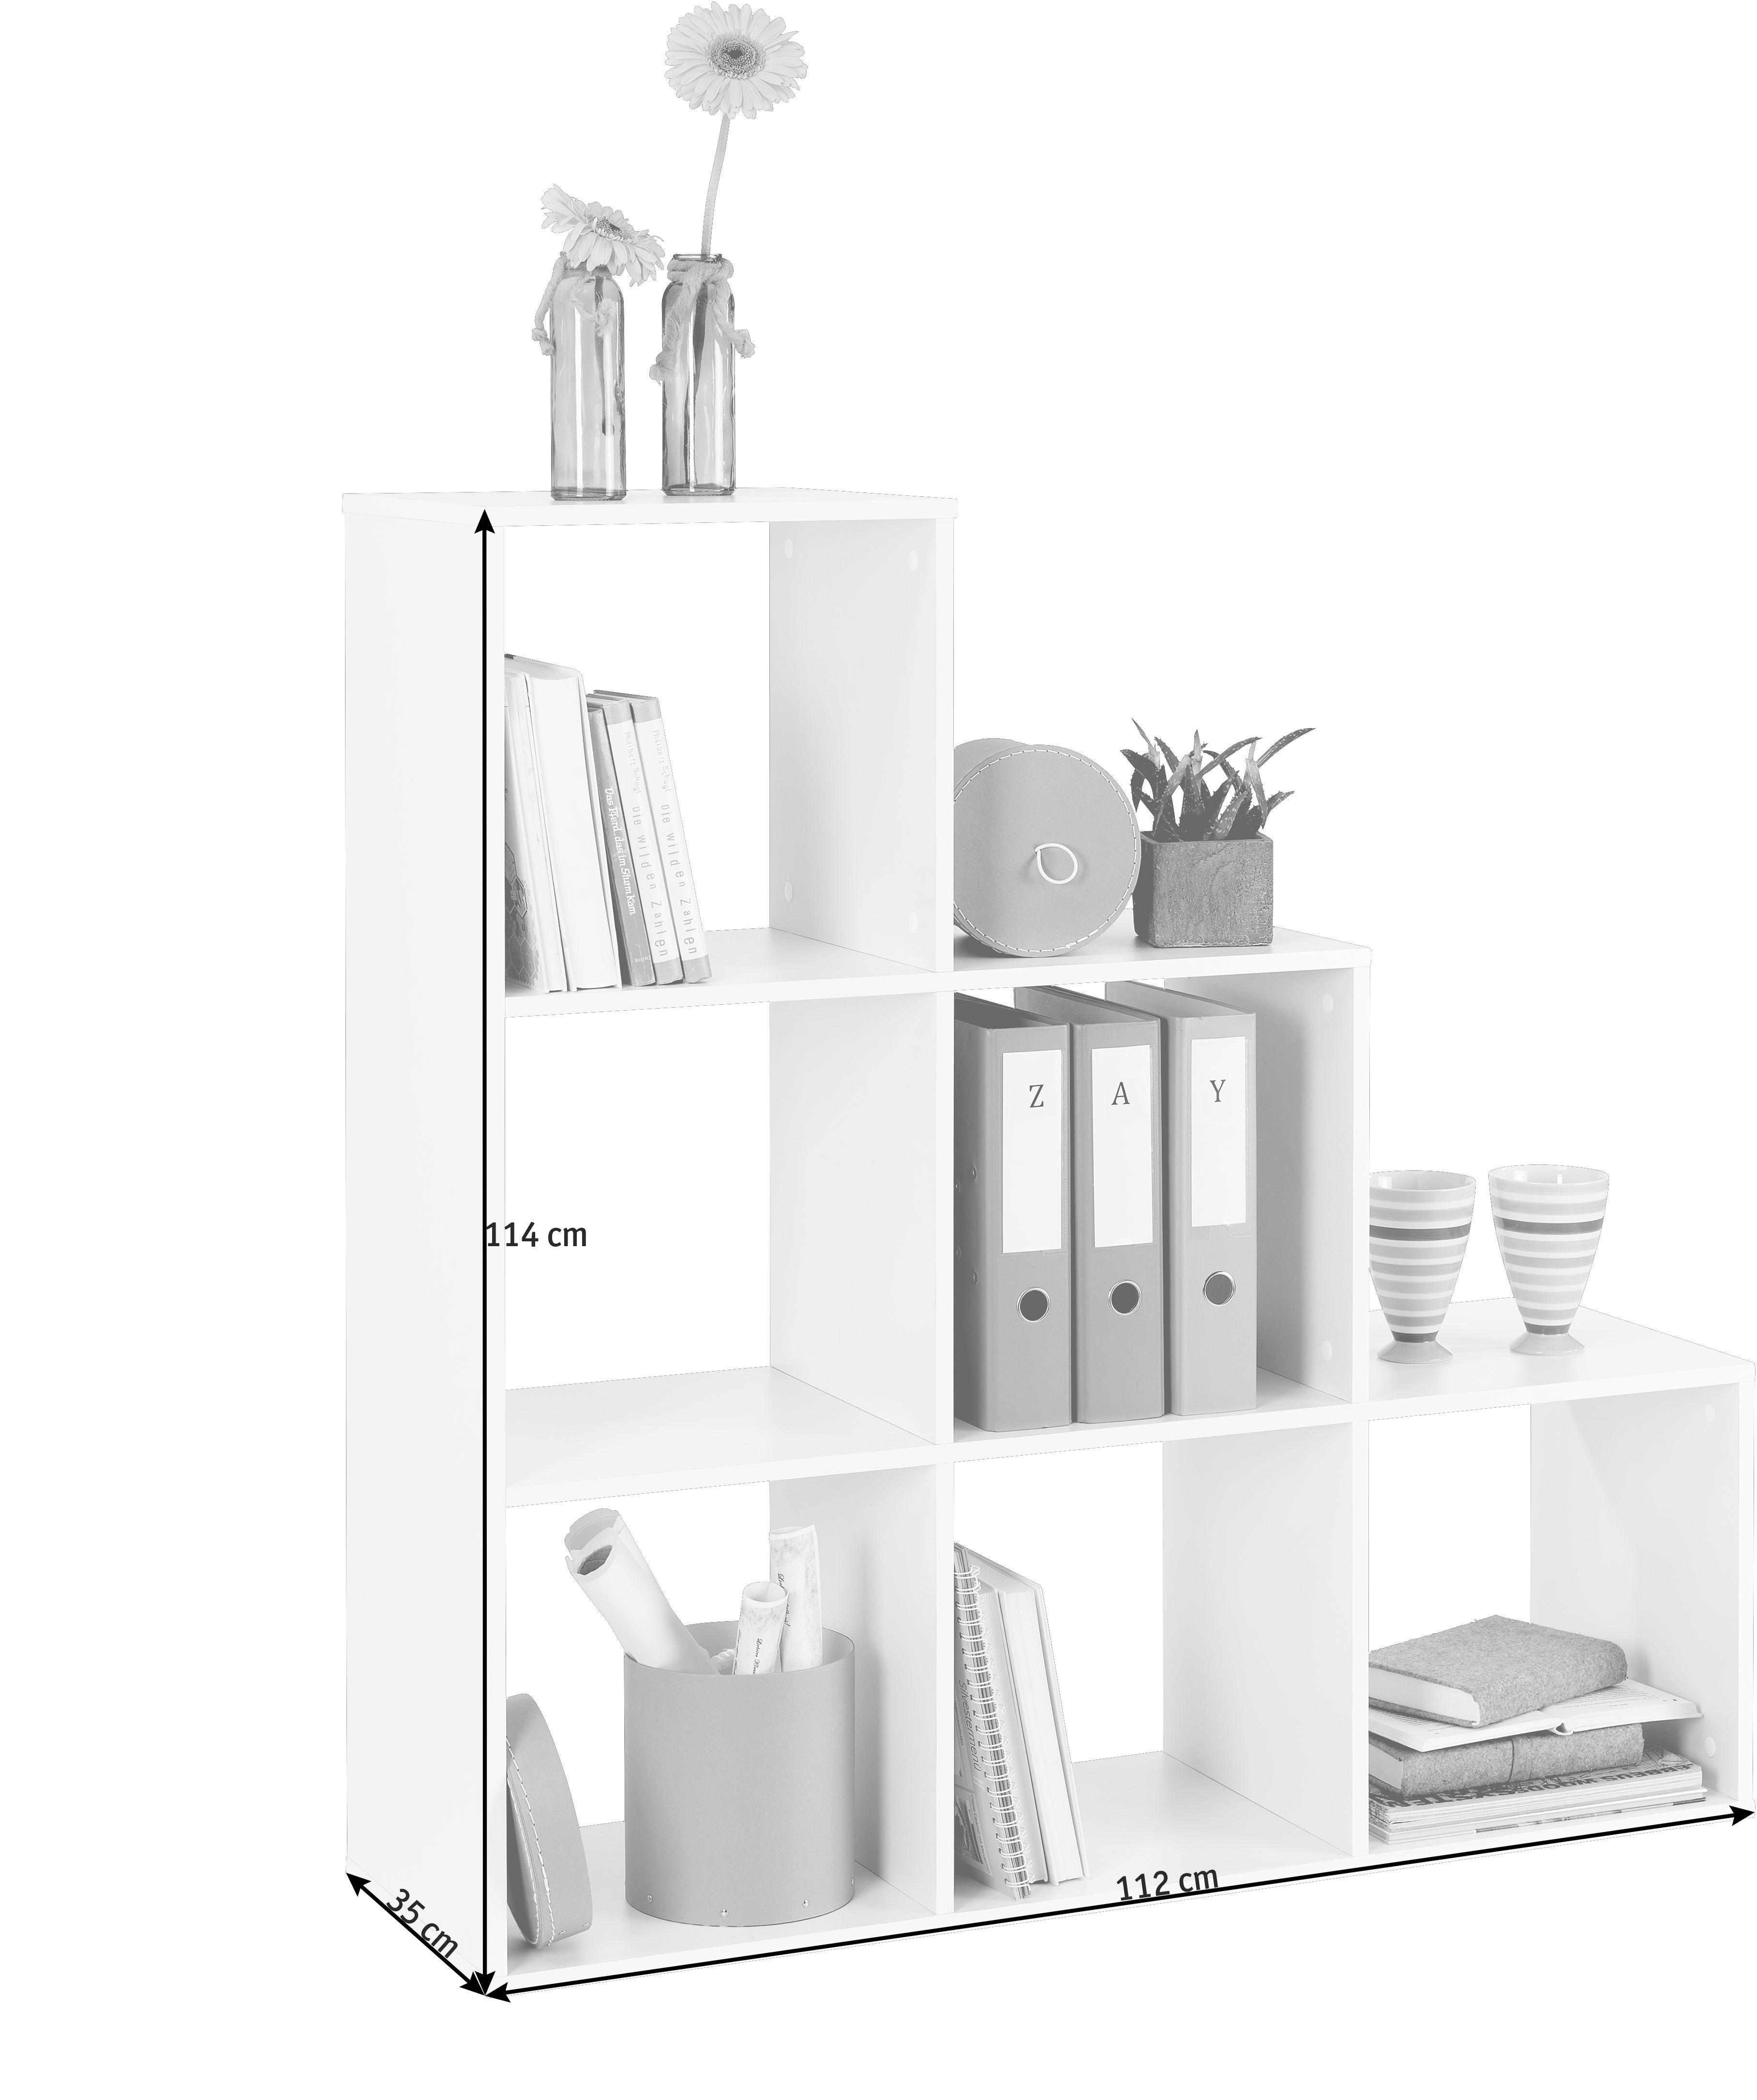 REGALELEMENT in - Design (112/114/35cm)